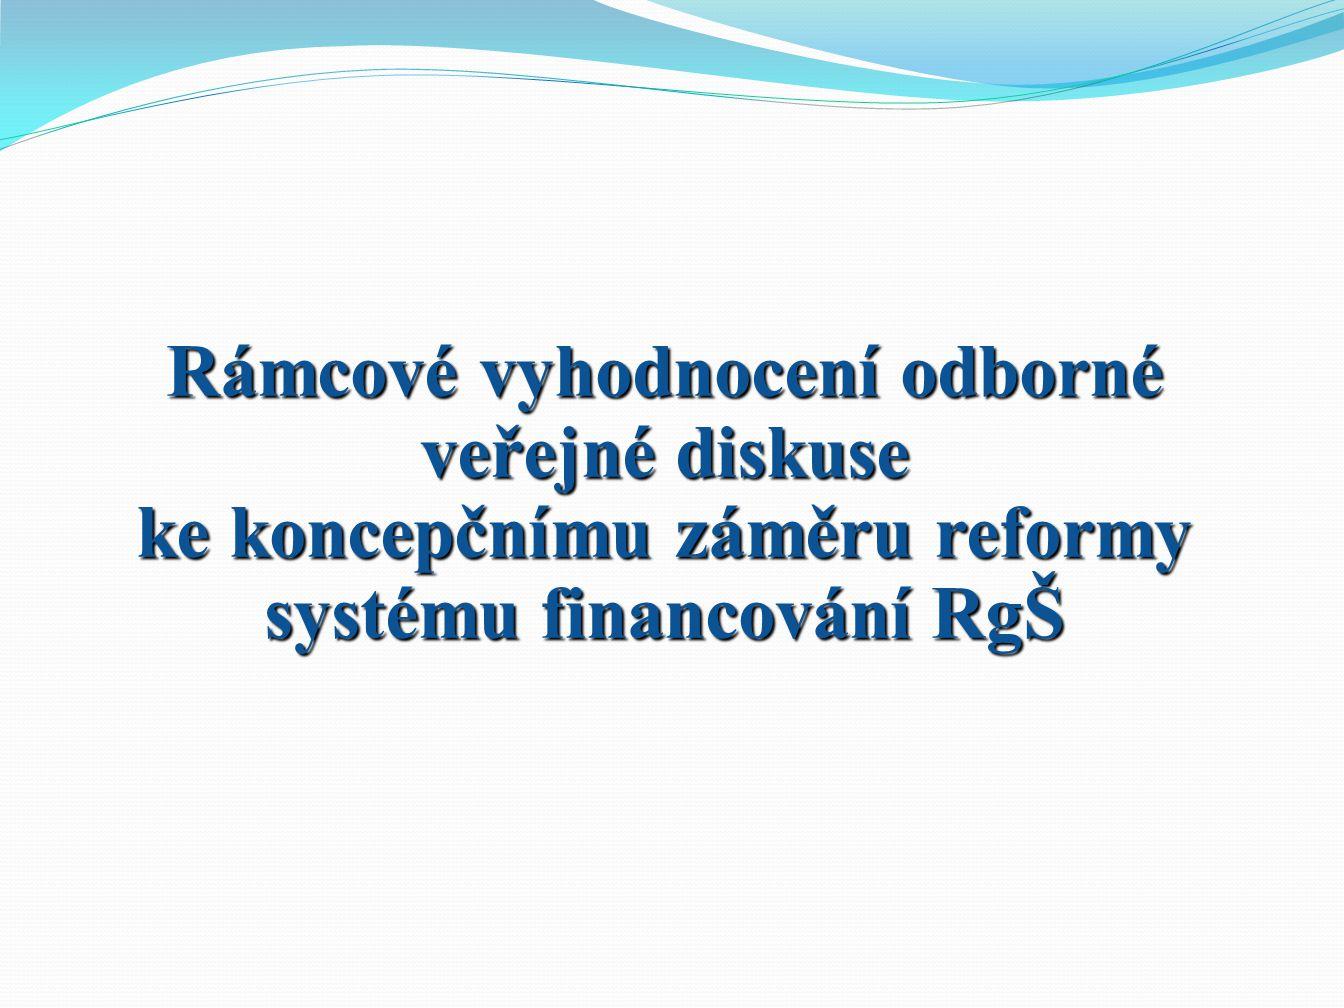 Rámcové vyhodnocení odborné veřejné diskuse ke koncepčnímu záměru reformy systému financování RgŠ